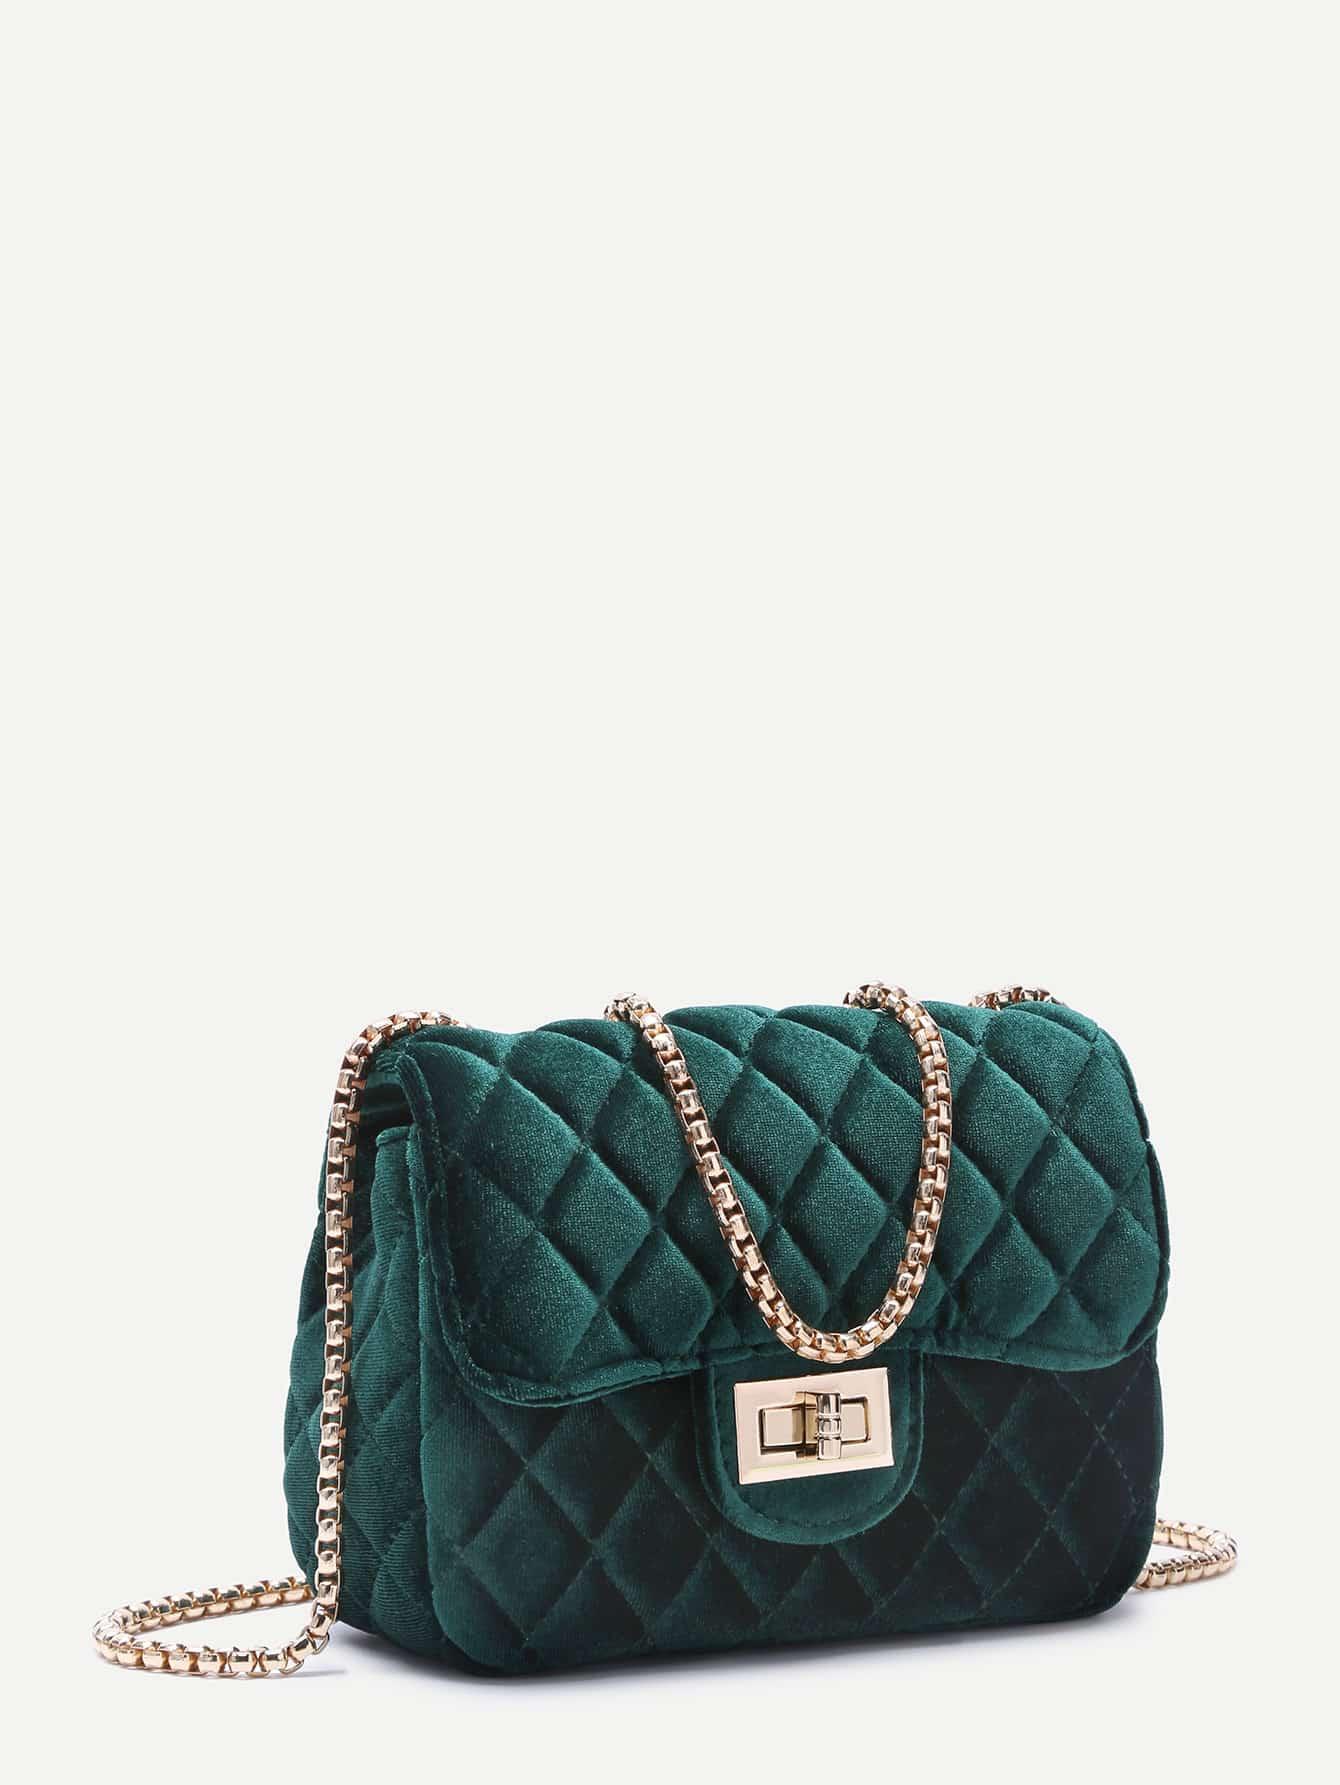 Dark Green Velvet Twistlock Closure Quilted Chain Bag